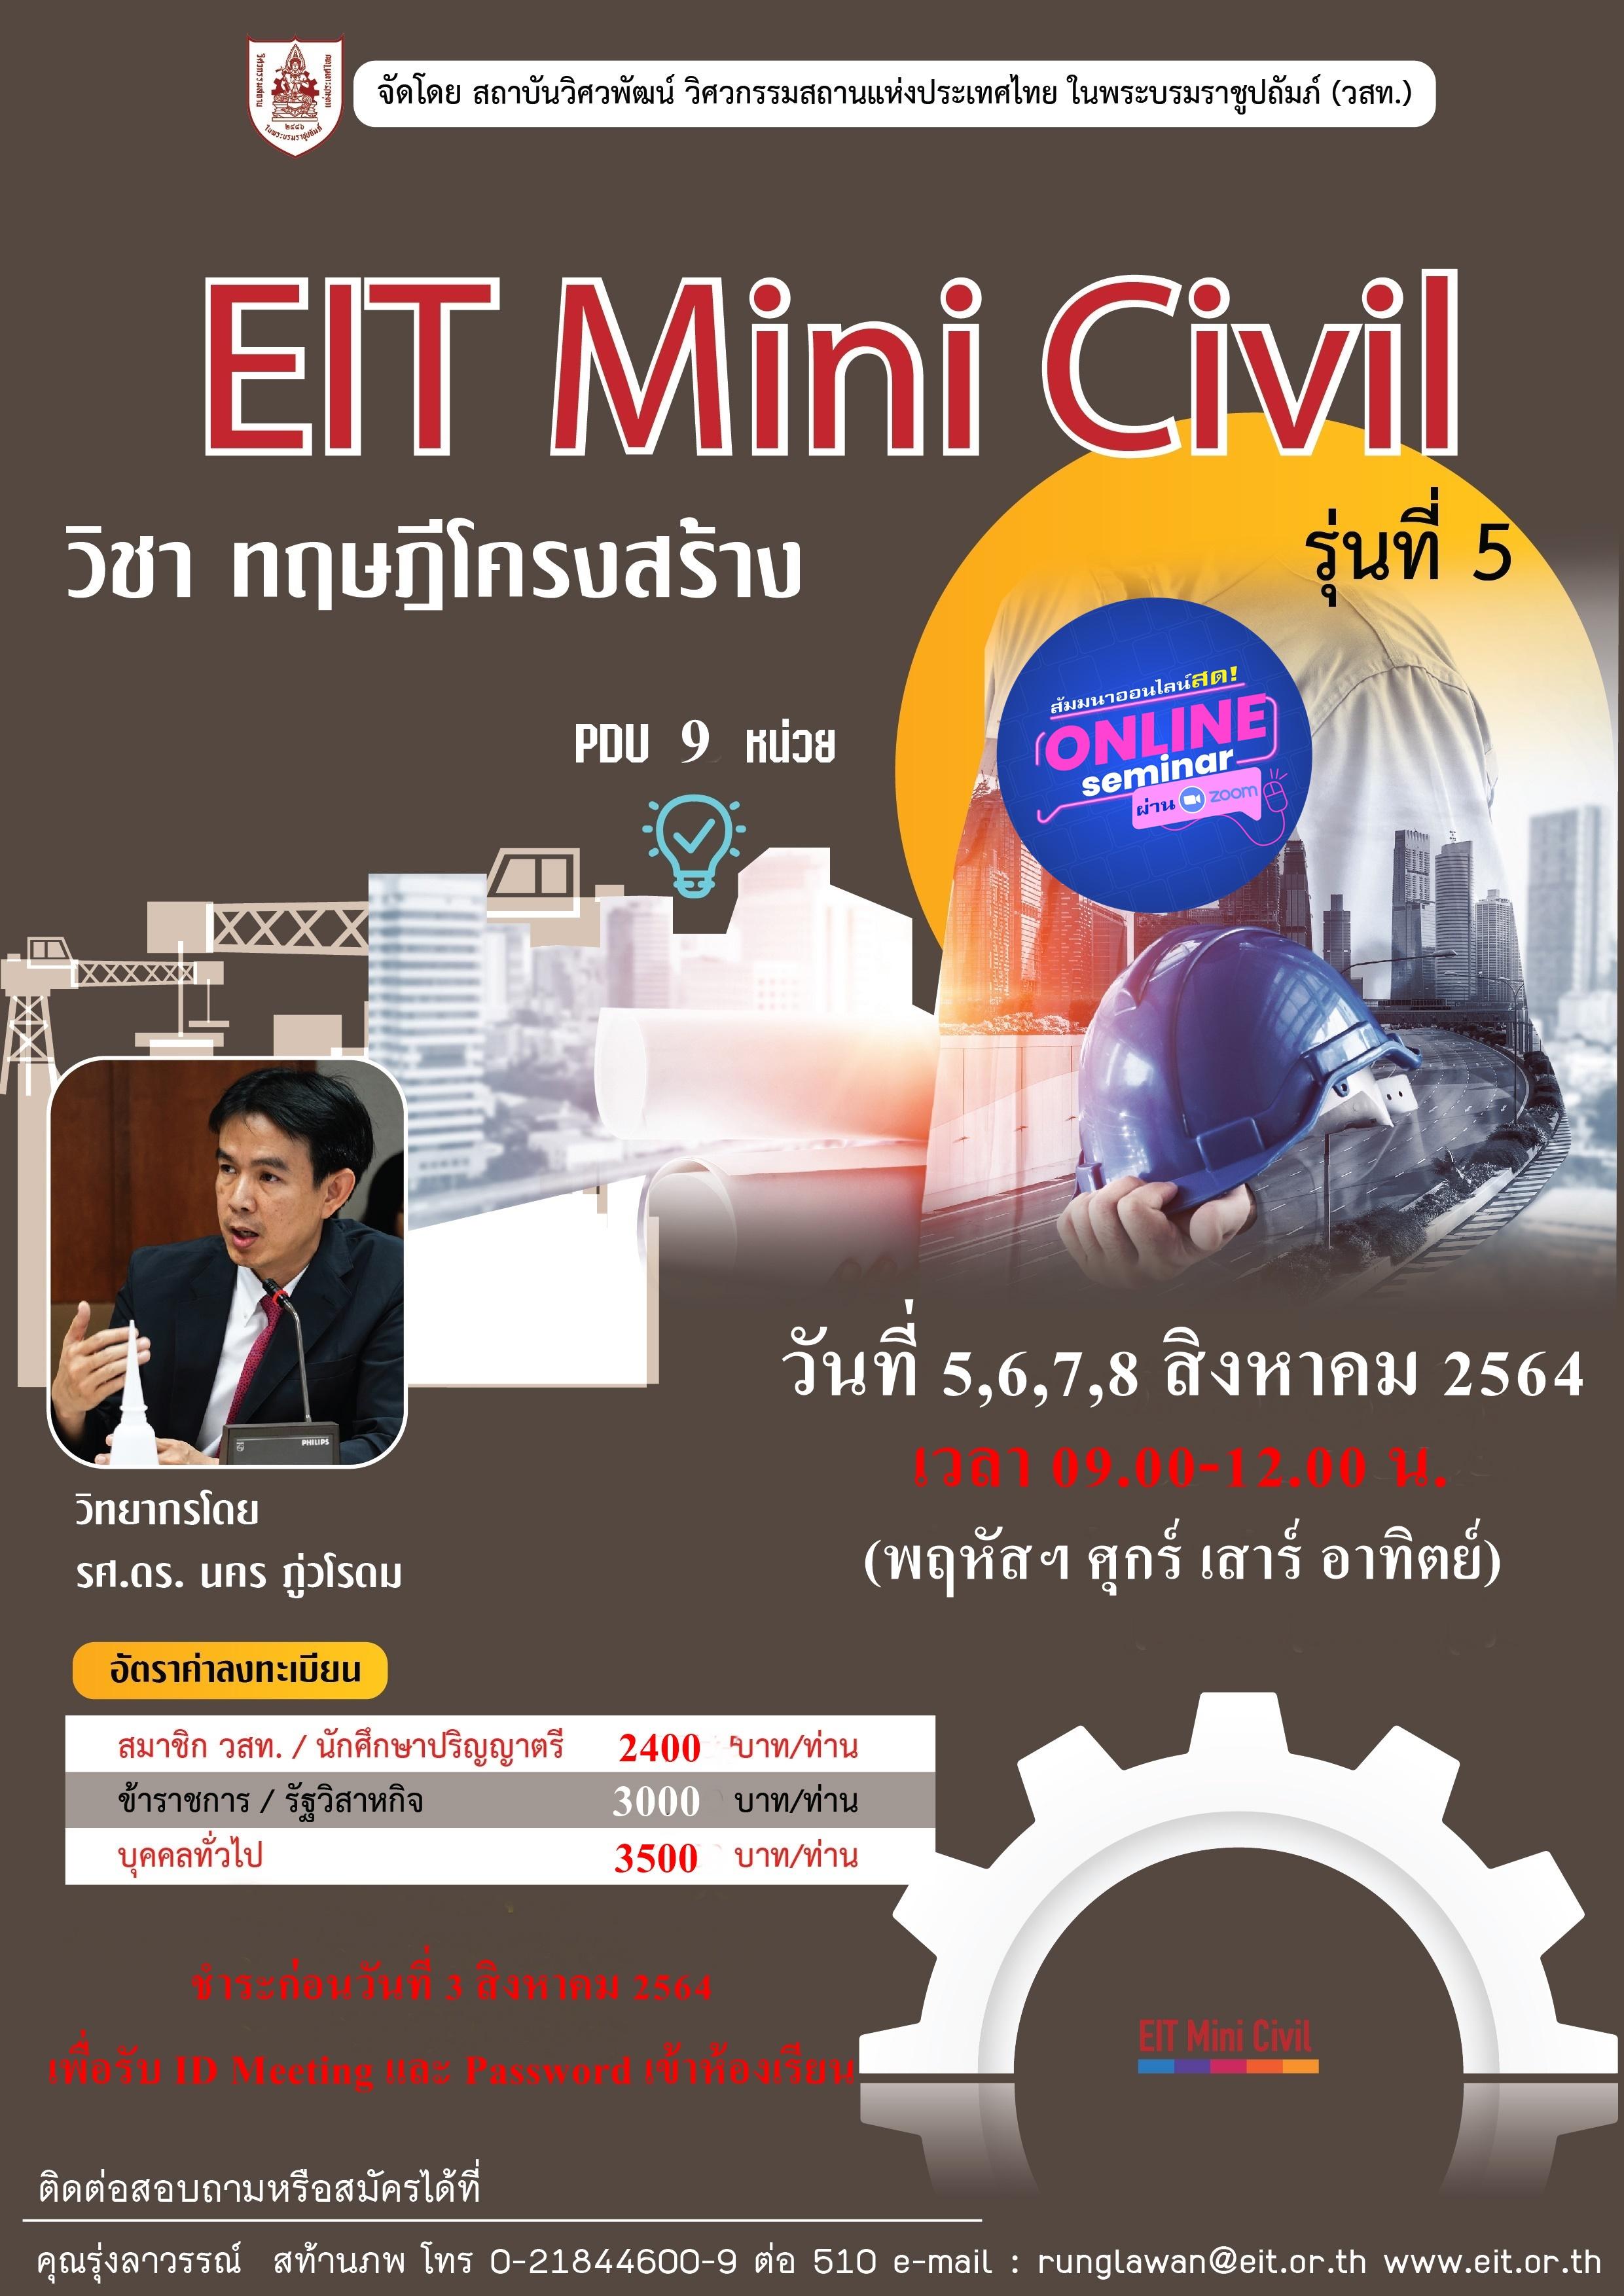 5-8/08/2564 **ยกเลิก**การอบรมหลักสูตร EIT Mini Civil รุ่นที่ 5 วิชาที่ 4 ทฤษฎีโครงสร้าง (Structural) (อบรมออนไลน์ผ่านโปรแกรม ZOOM)